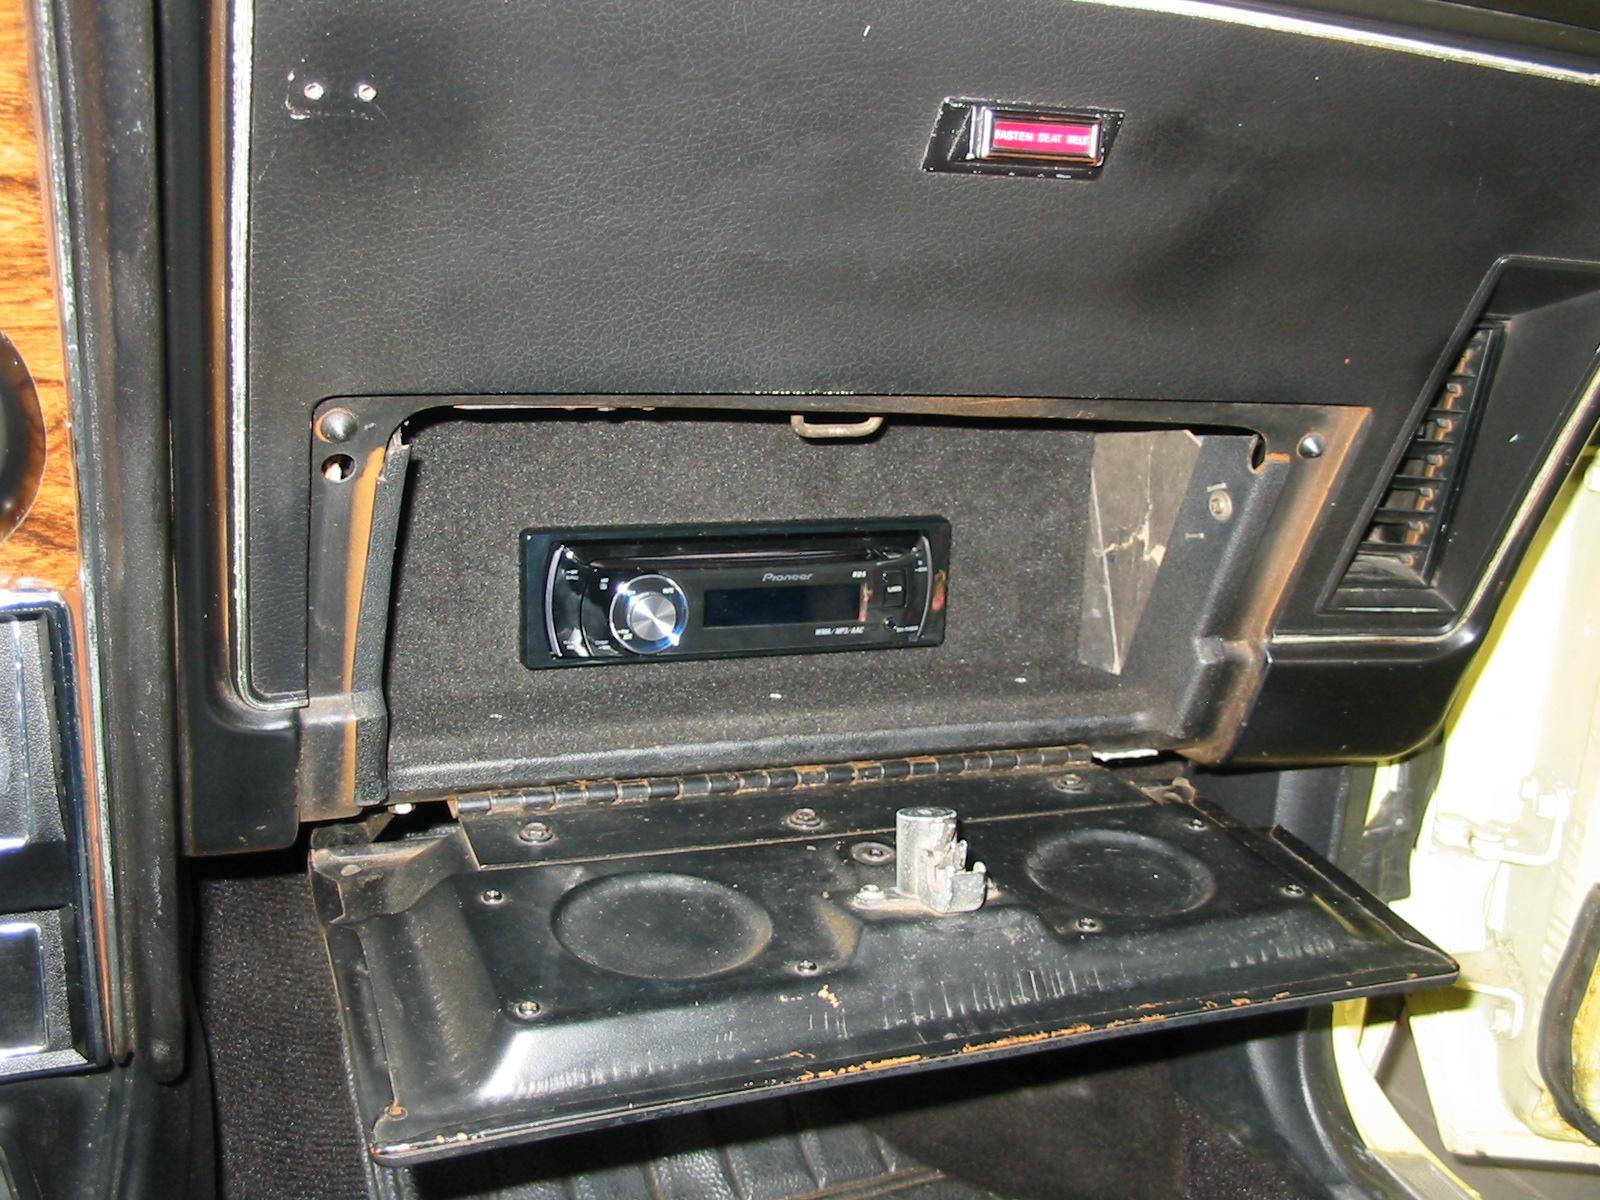 Das Radio befindet sich im Handschuhfach